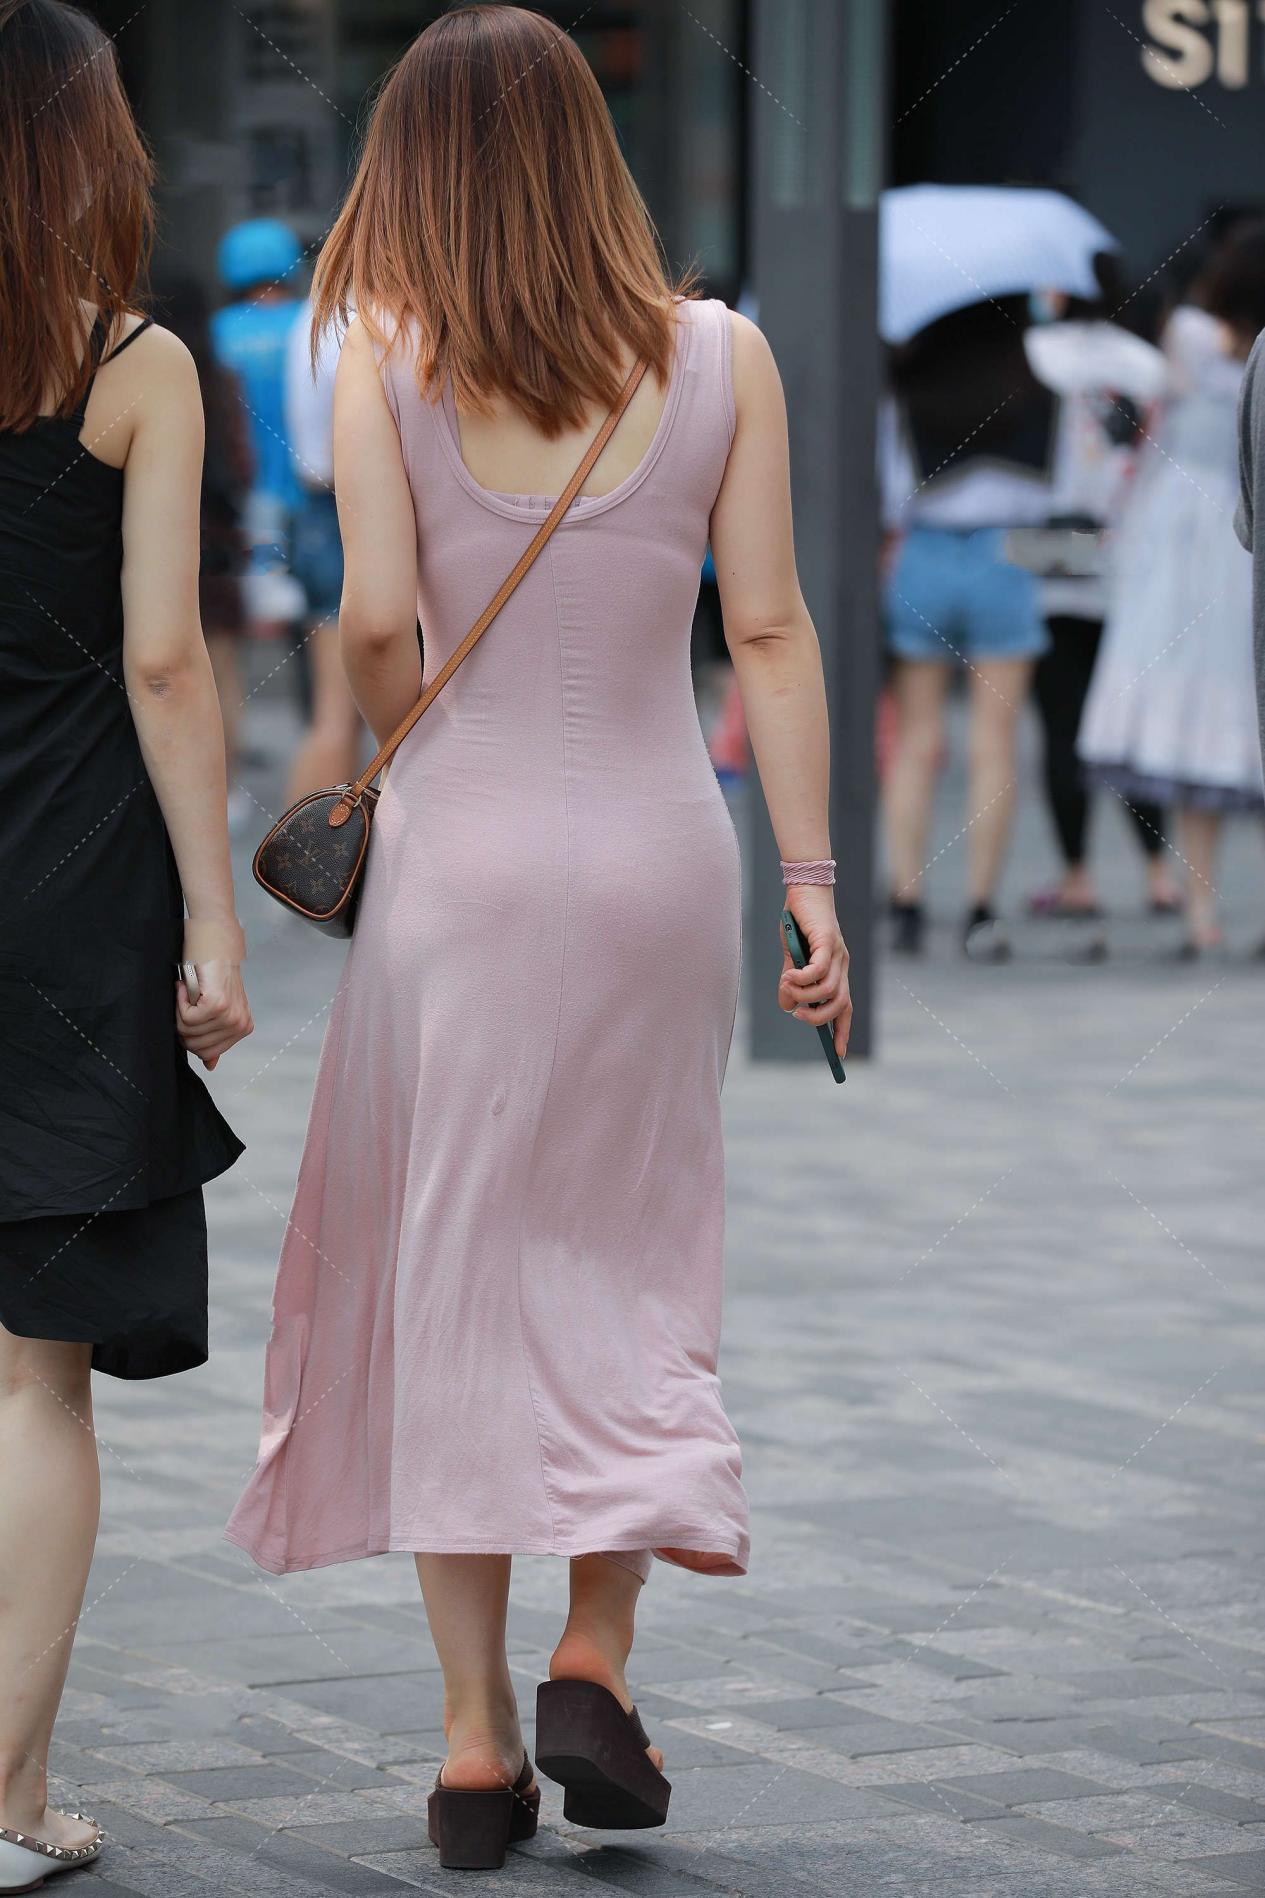 还不会挑选连衣裙?看这里,分享连衣裙挑选时候的一些小技巧